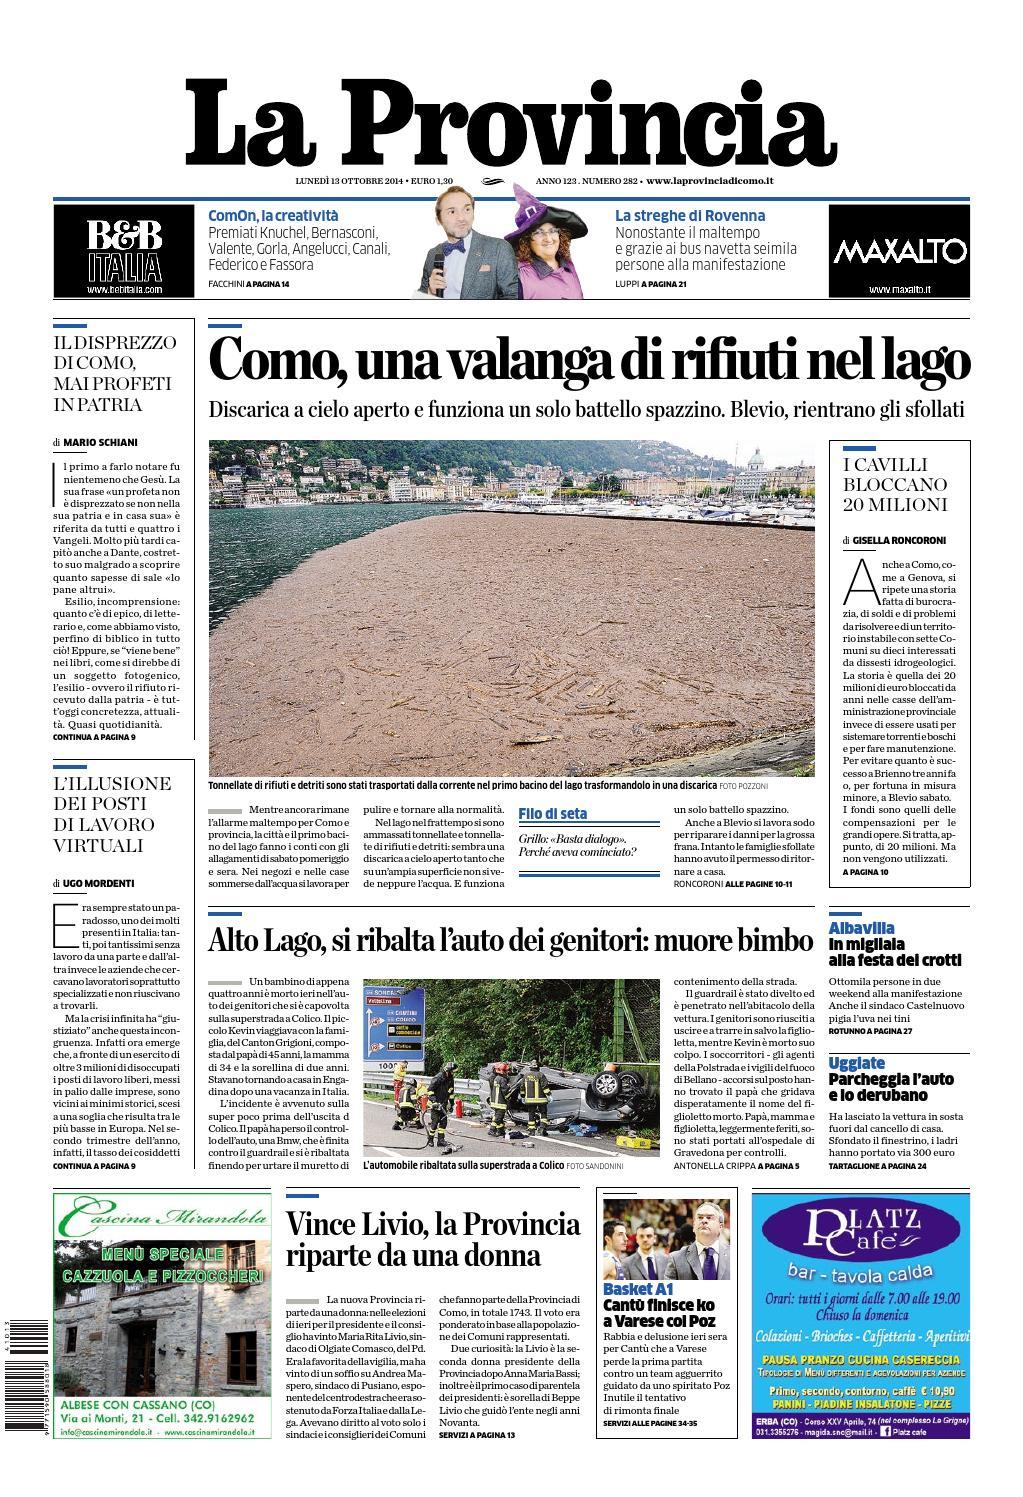 La Provincia By Opq Organizzazione Pubblicità Quotidiani